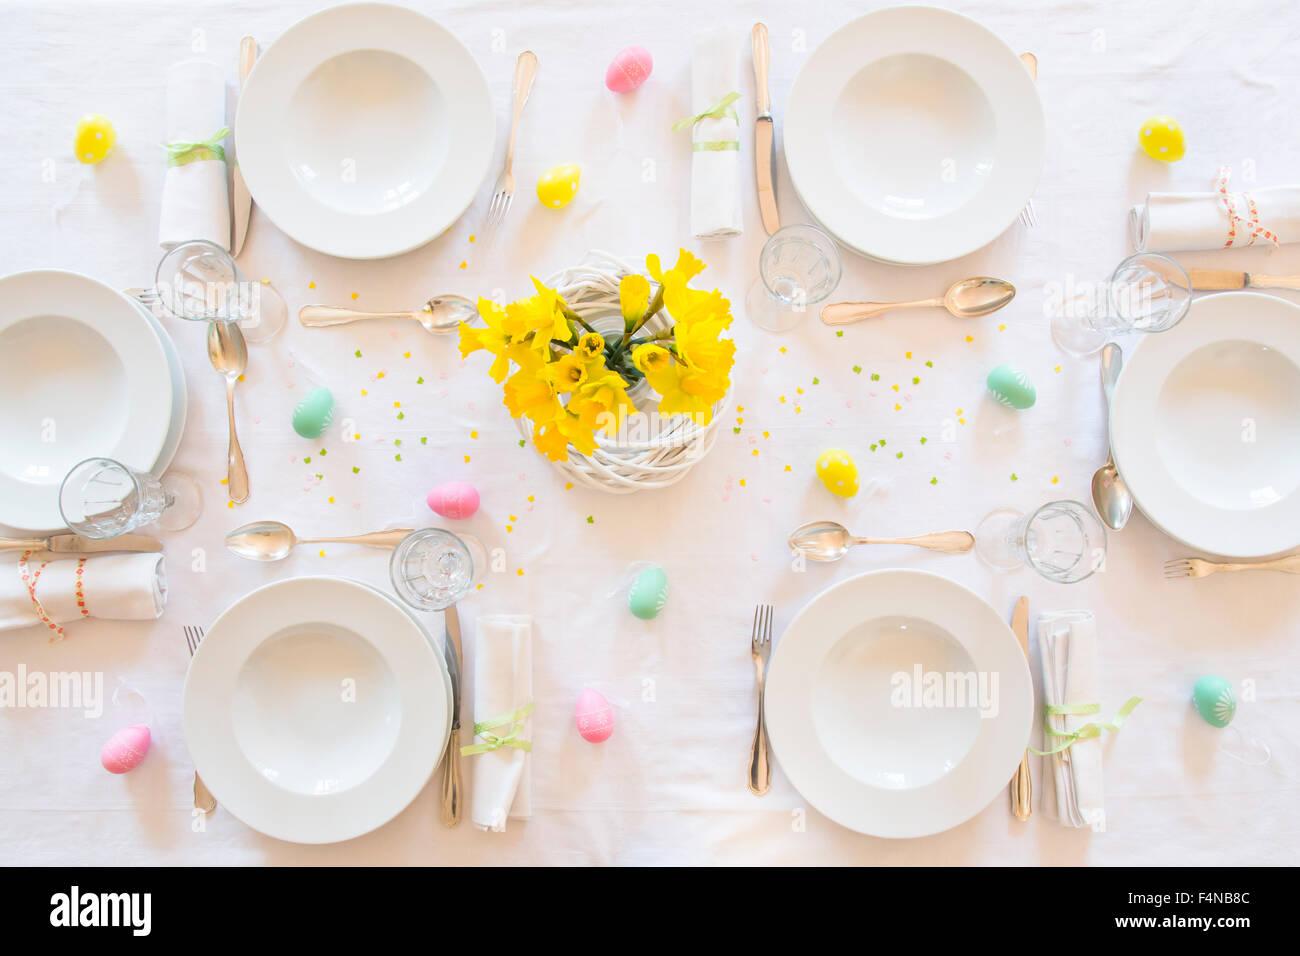 Prevista tabella di Pasqua con mazzo di narcisi Immagini Stock